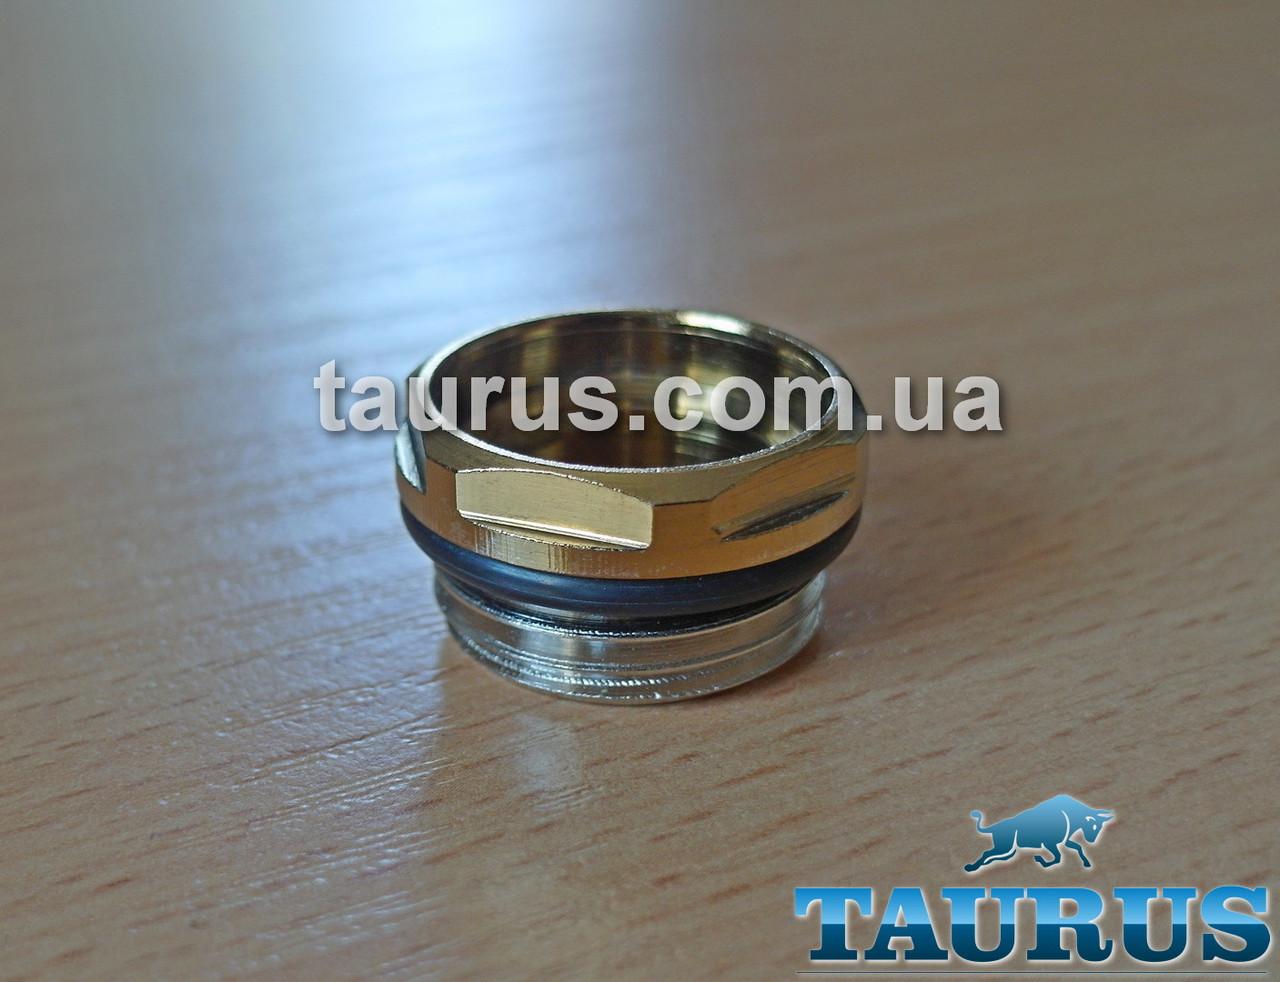 """Золота заглушка з гумкою, 1/2"""" на рушникосушку, радіатор. Компактний розмір. Латунь"""